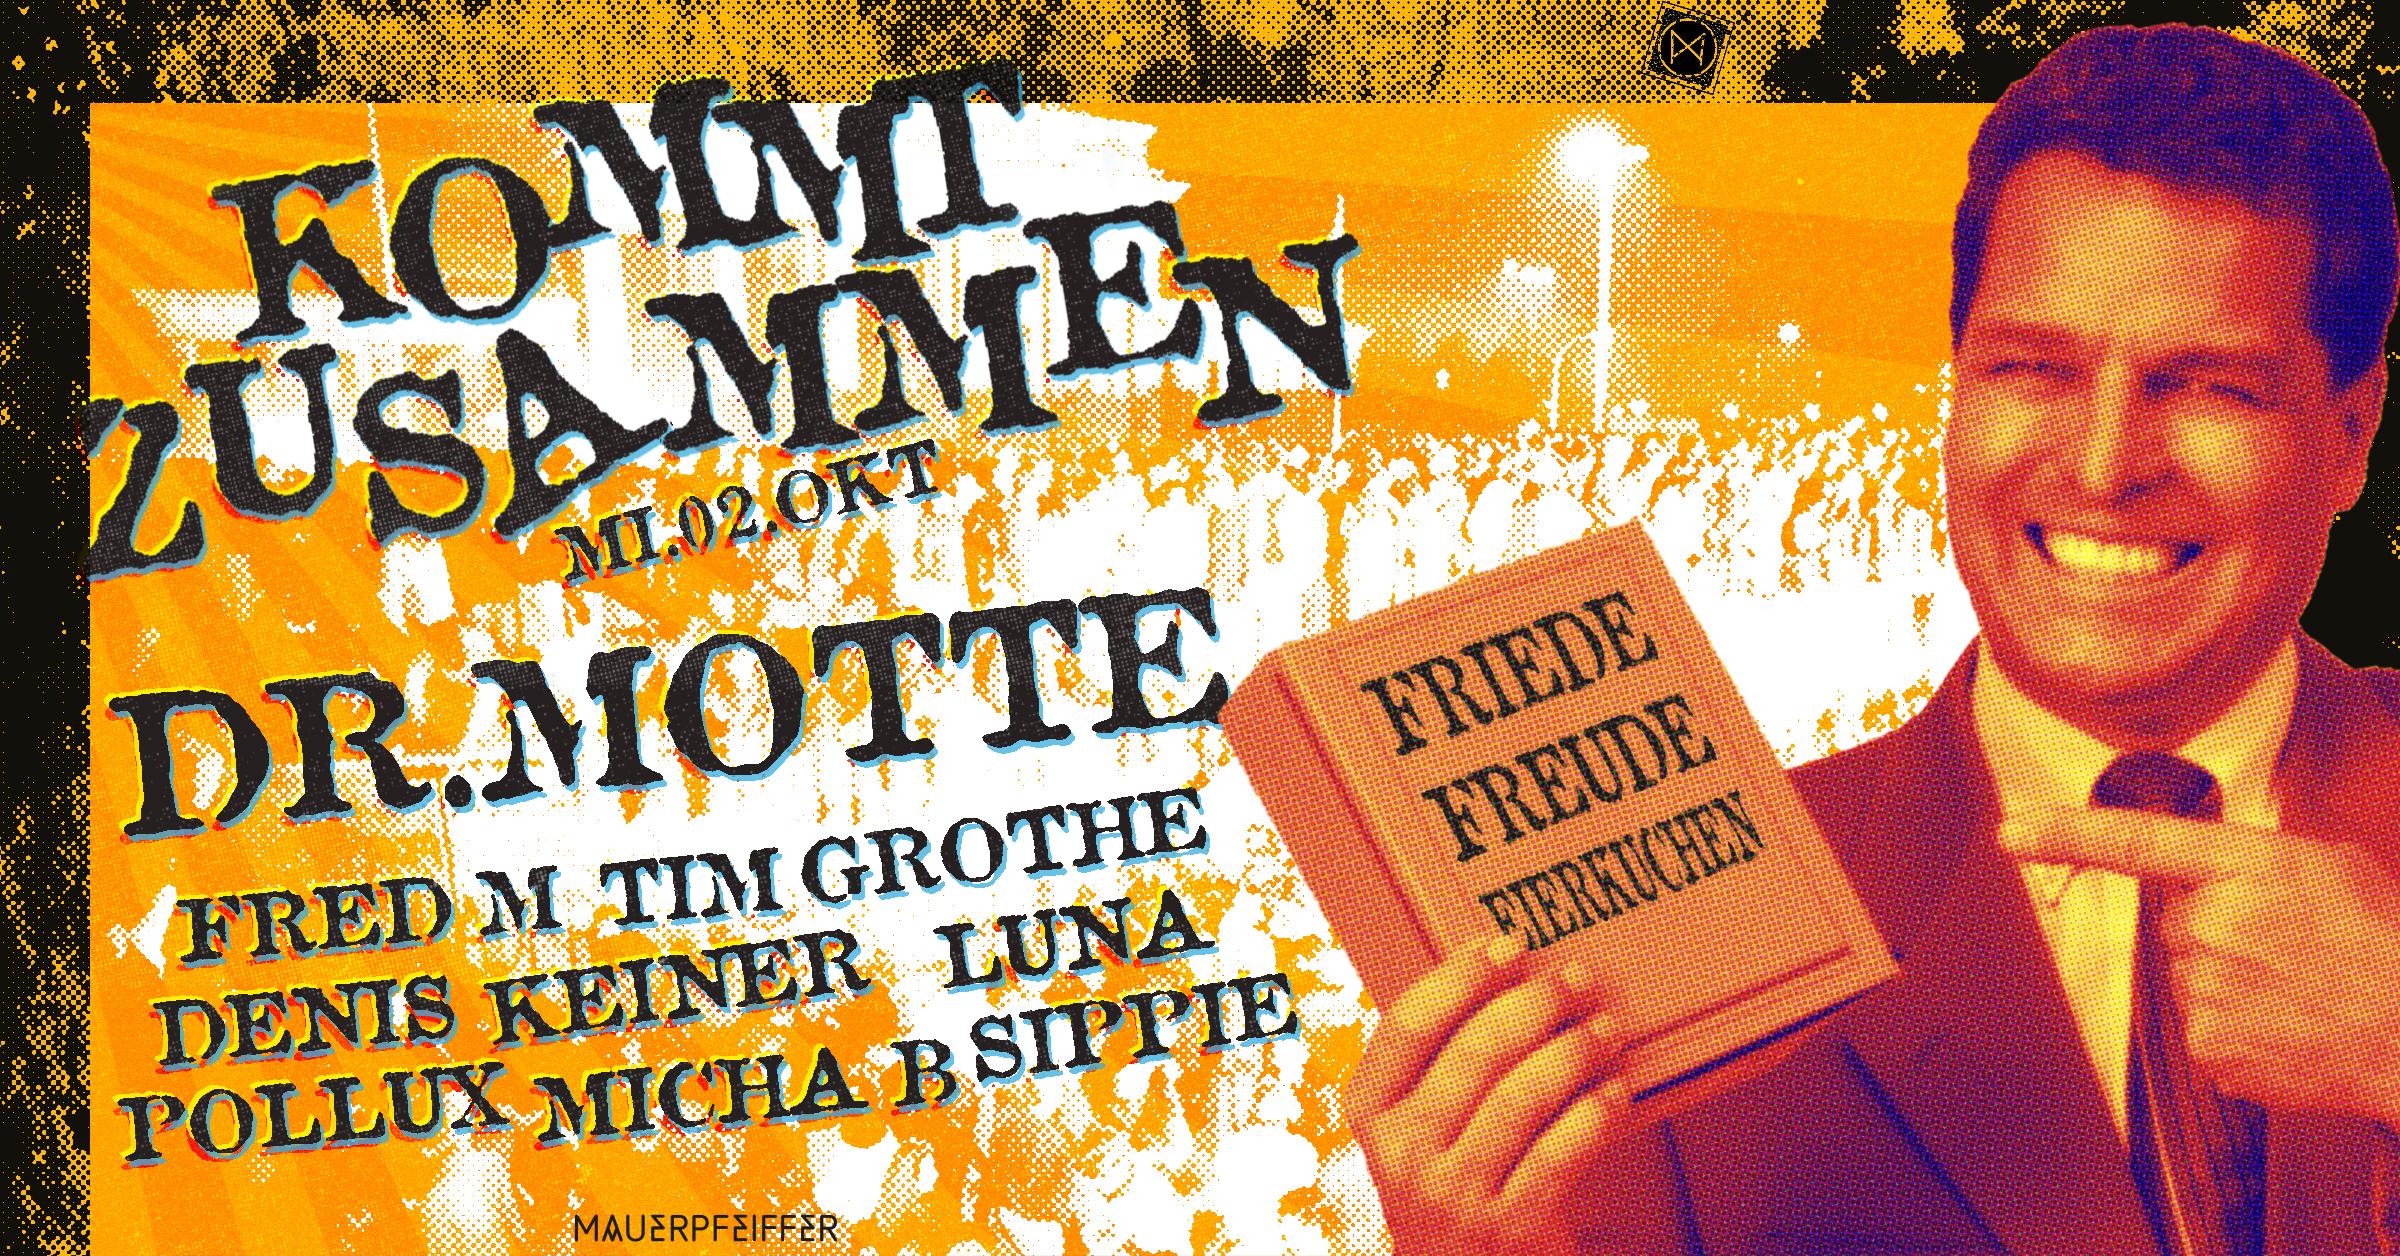 Kommt Zusammen! /m Dr. Motte & die Bande